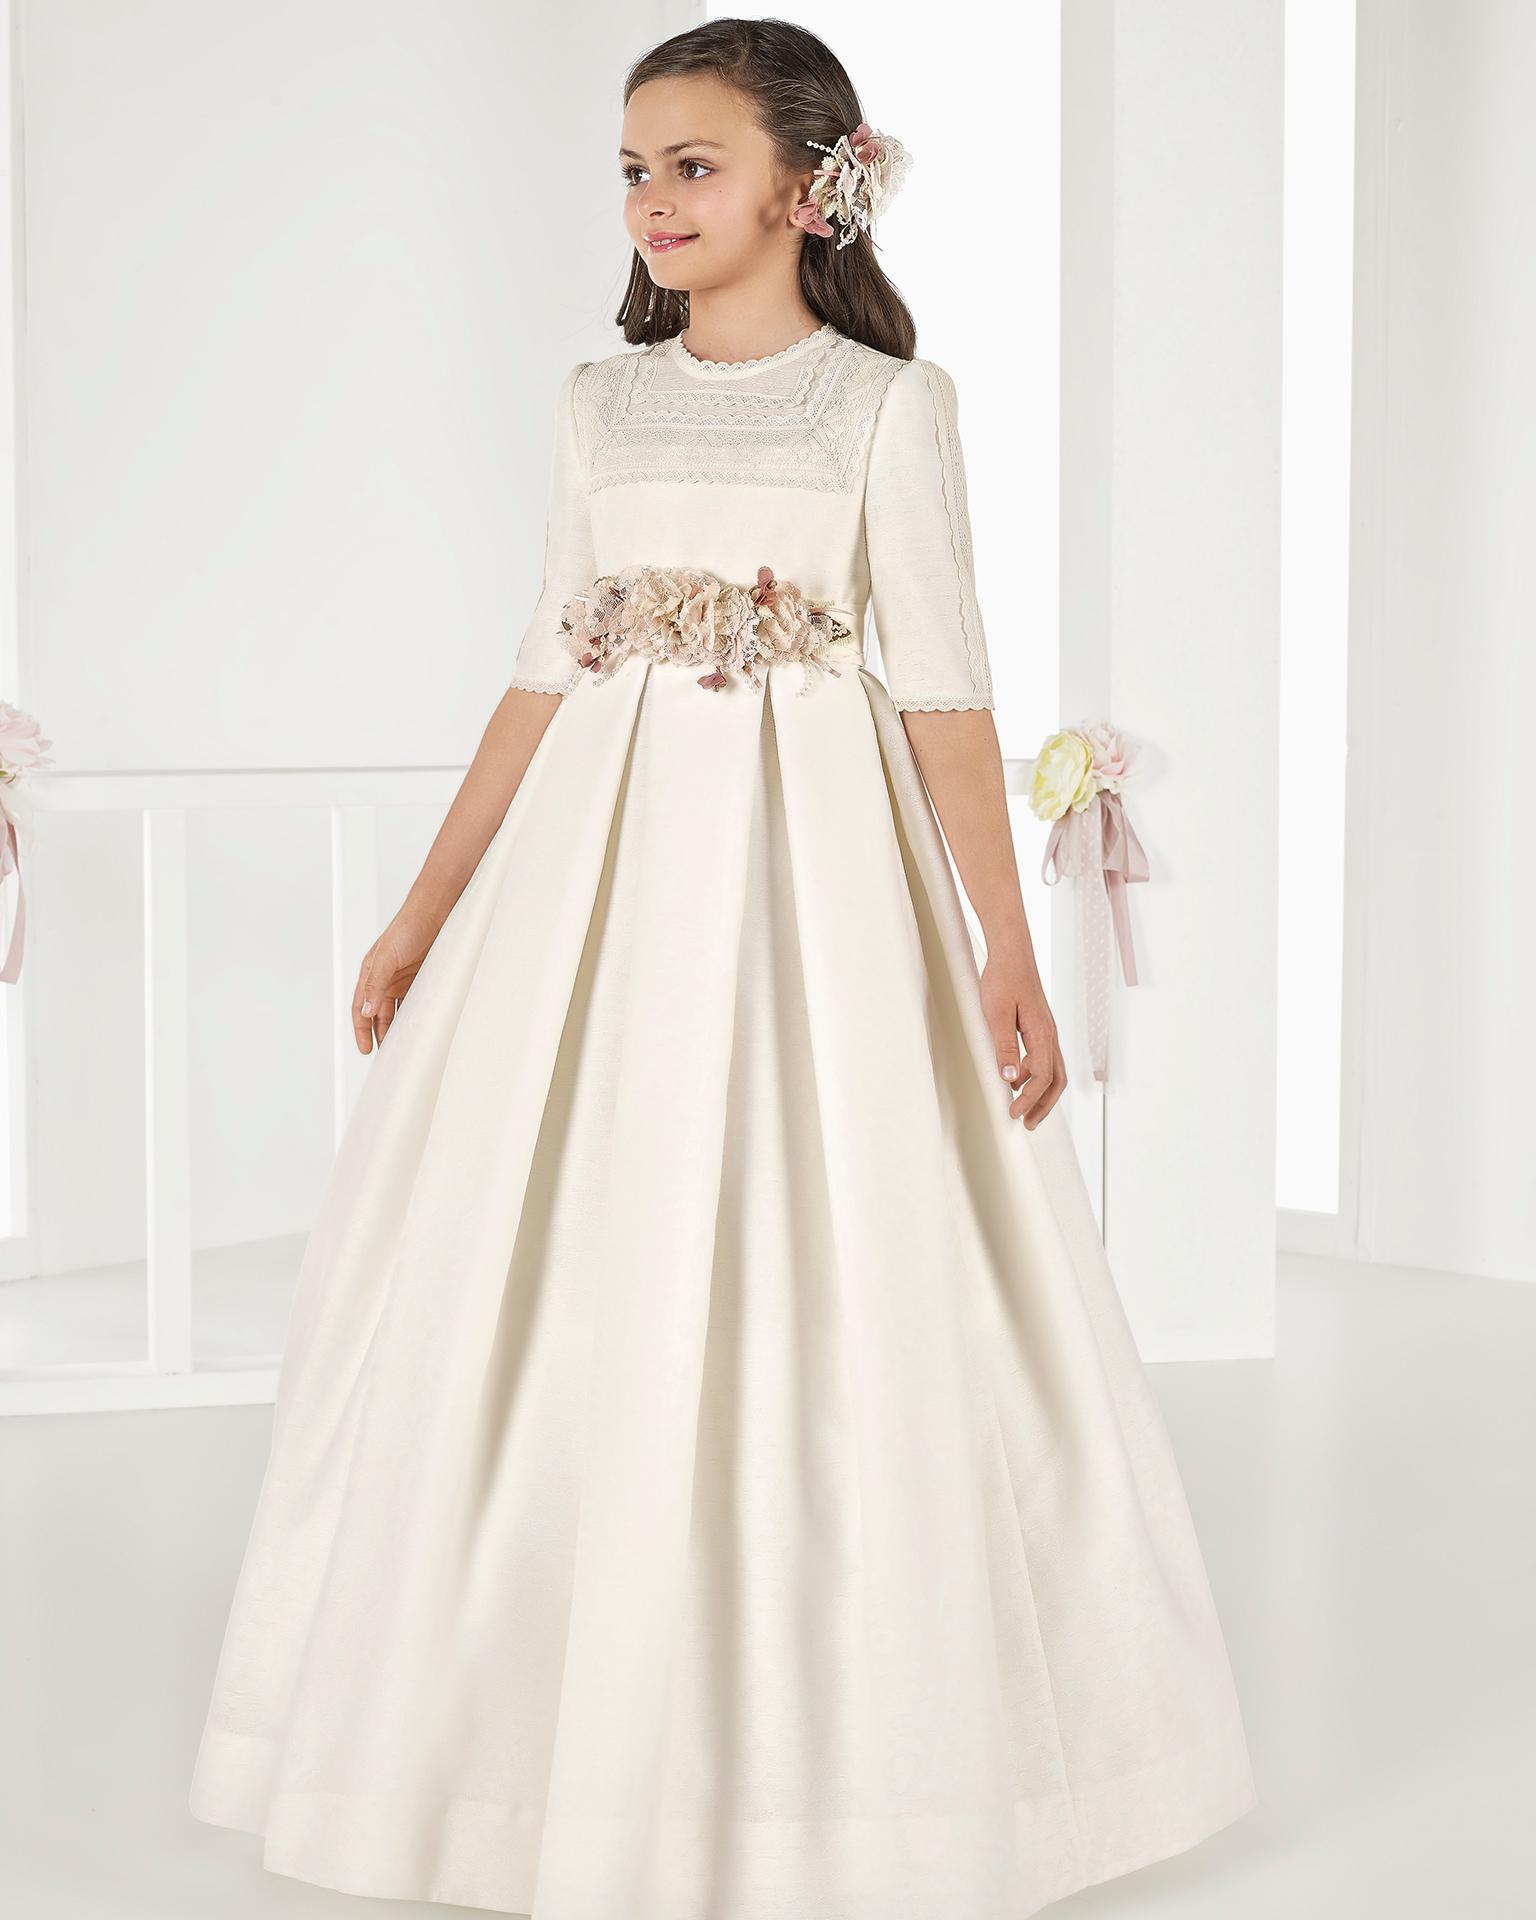 Vestido de comunhão romântico, de corte império de brocado, em cor marfim. Coleção AIRE COMUNION 2018.